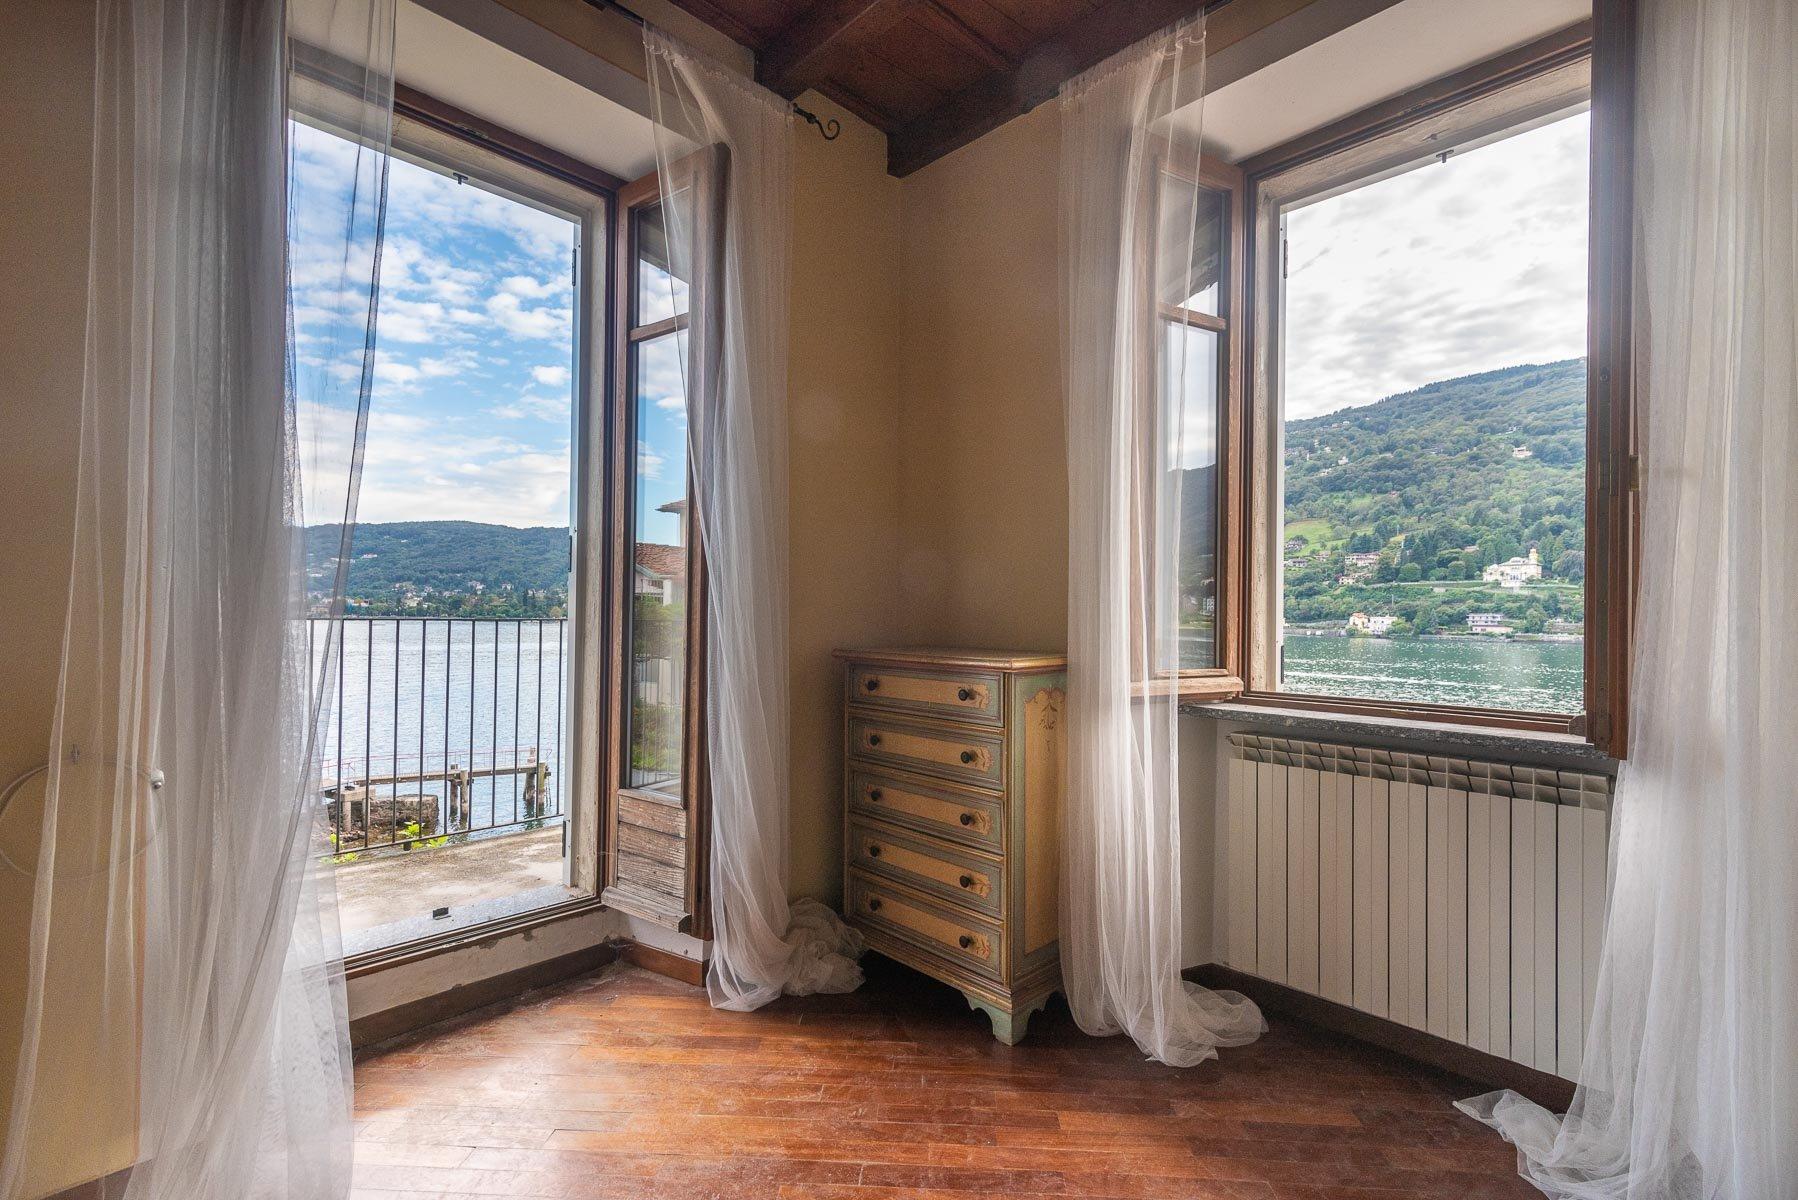 Appartamento in vendita sull'Isola Pescatori, Stresa-camera con vista